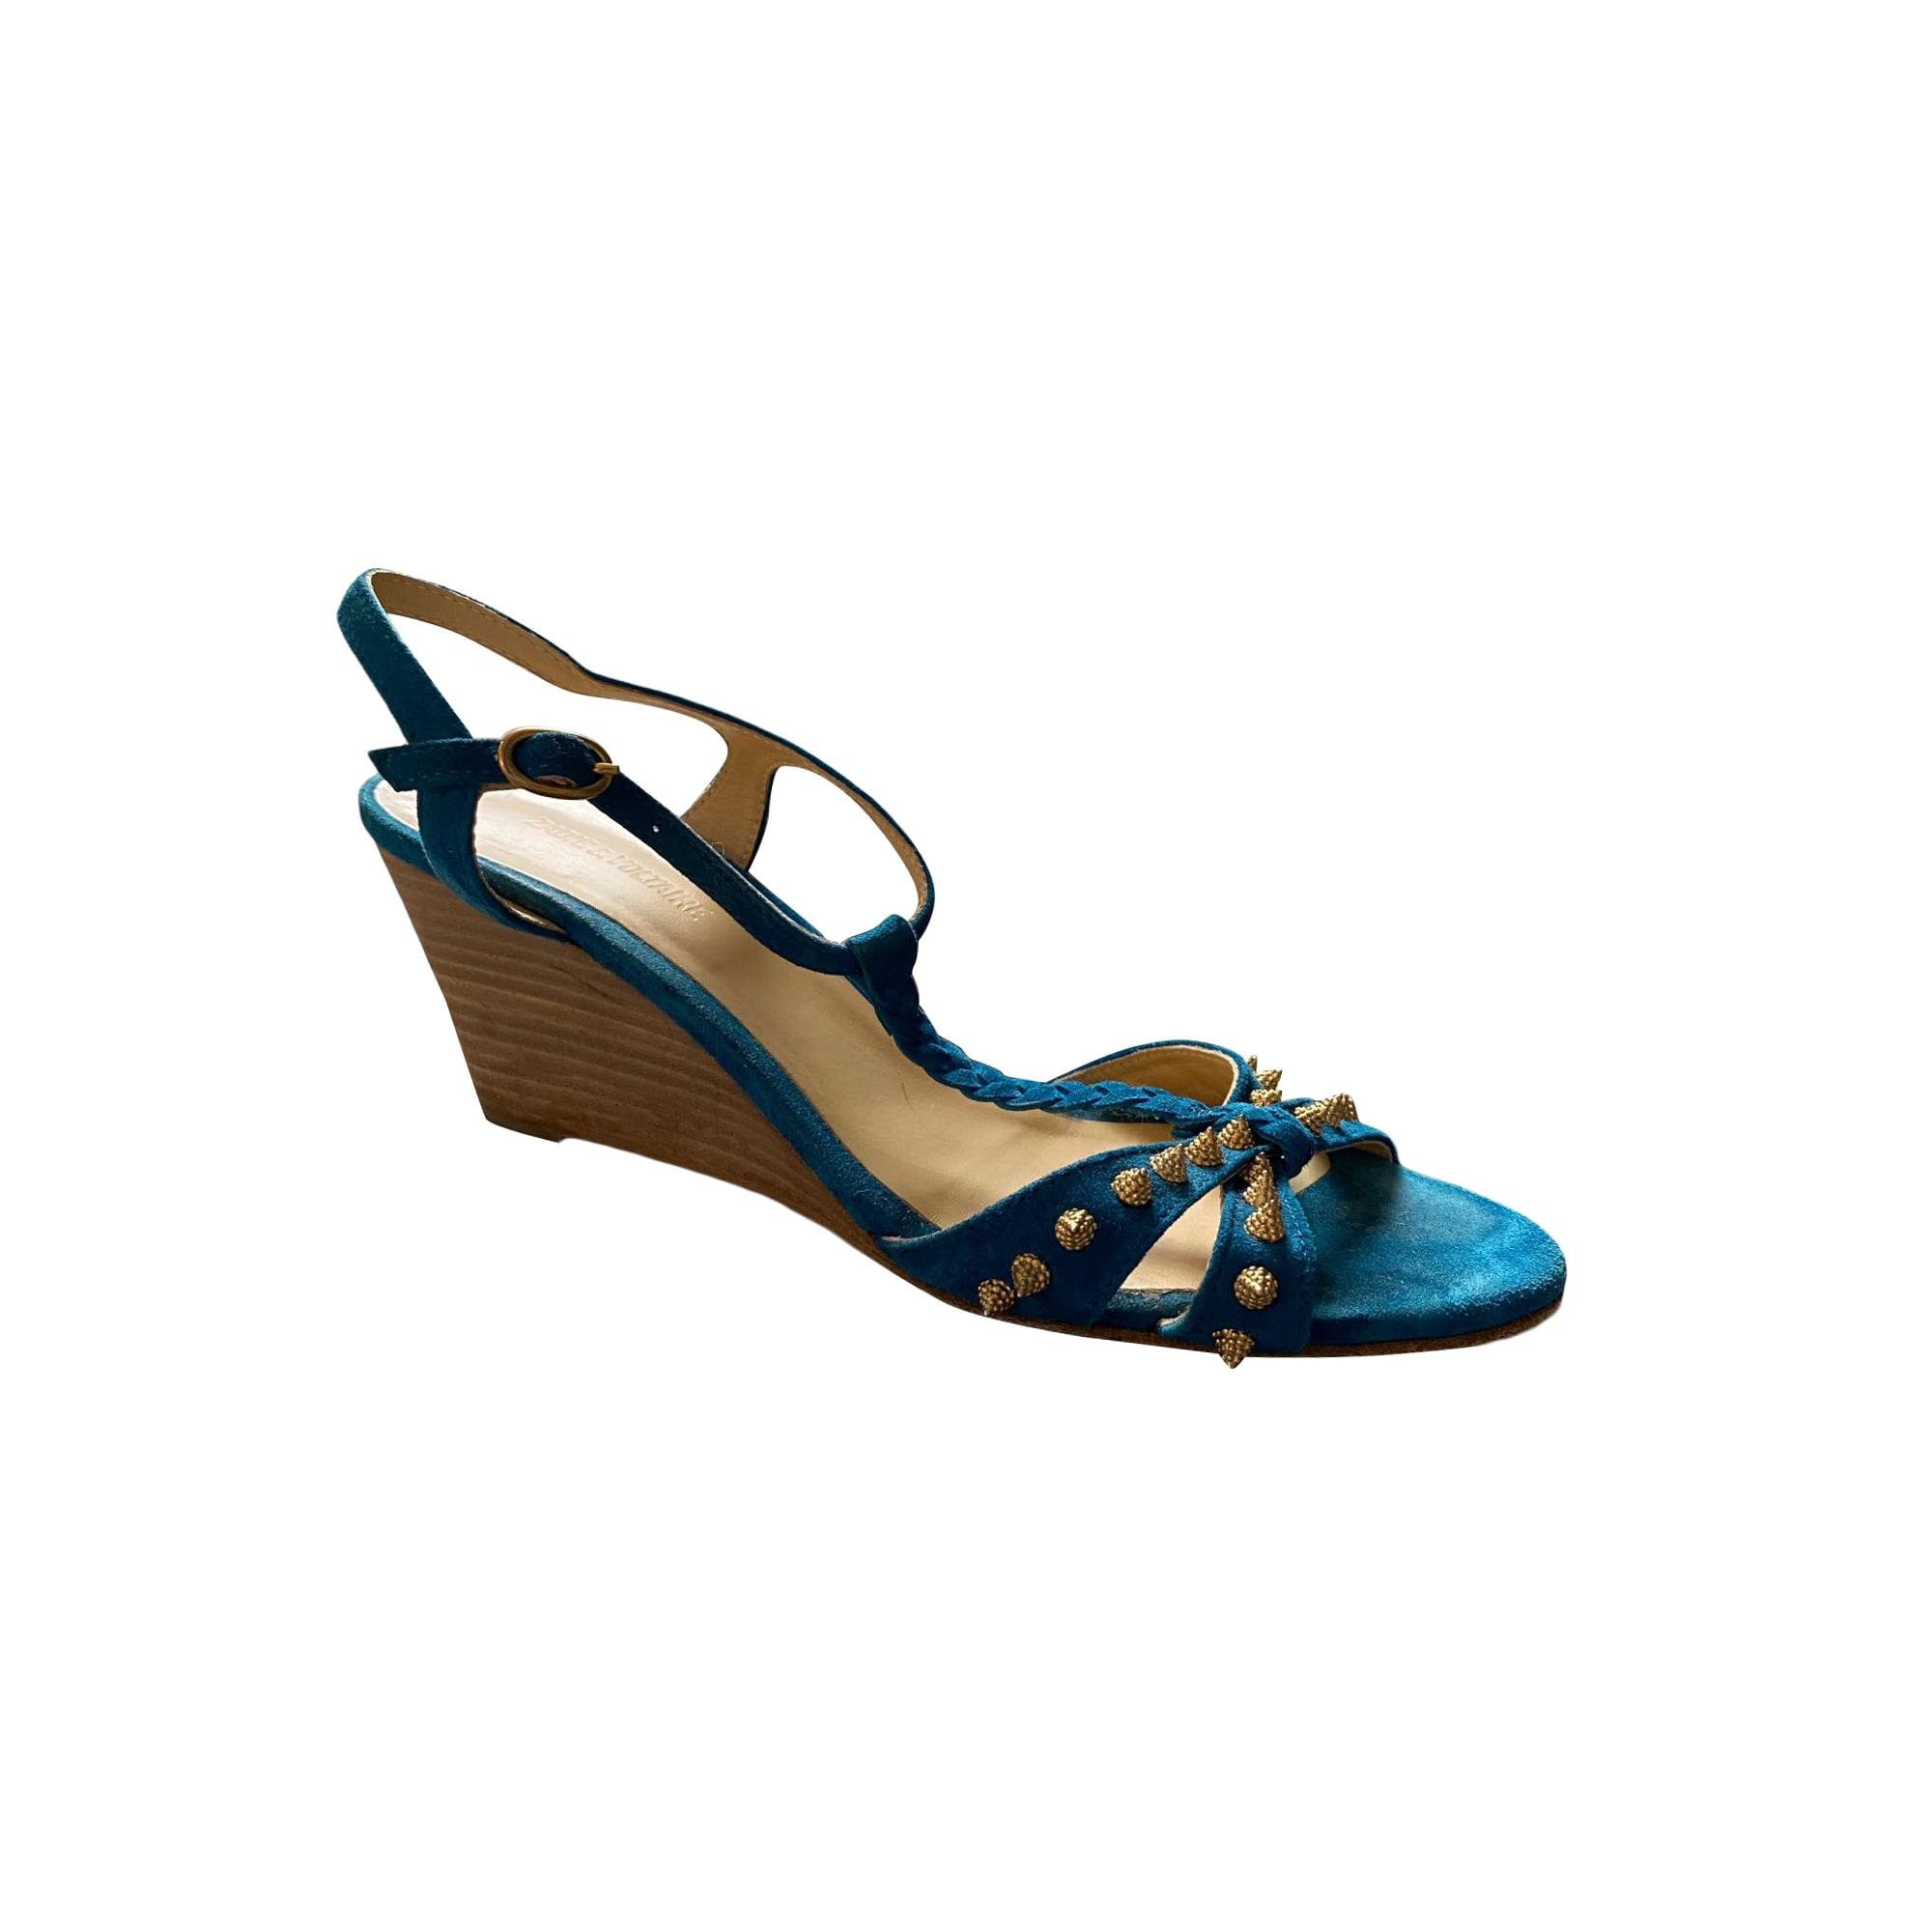 Sandales compensées ZADIG & VOLTAIRE Bleu, bleu marine, bleu turquoise